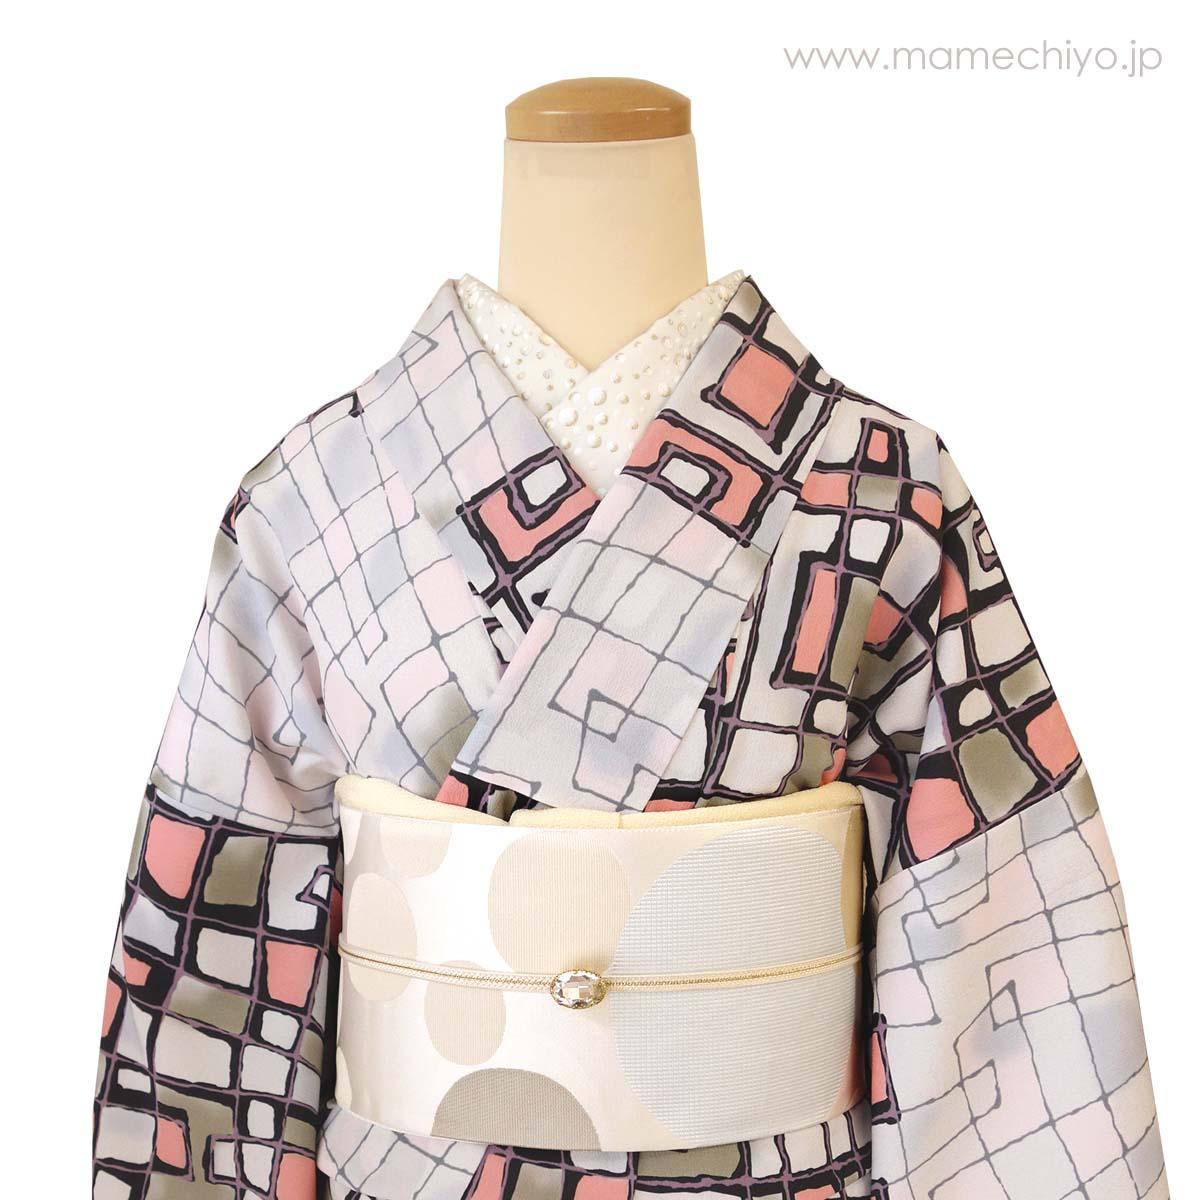 正絹 名古屋帯 博多織 水玉 (ホワイトプラネット)